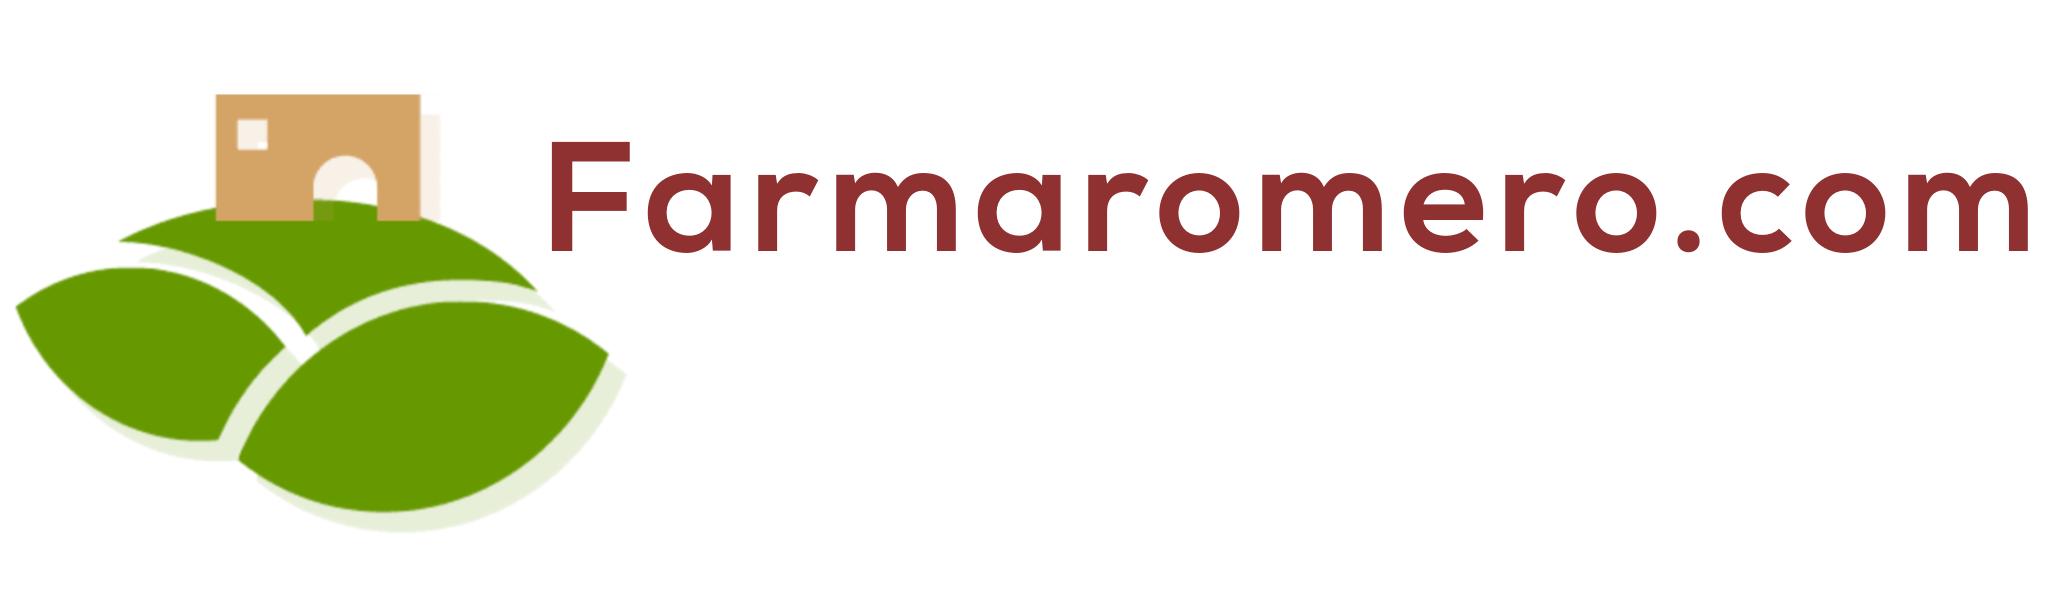 Farmaromero